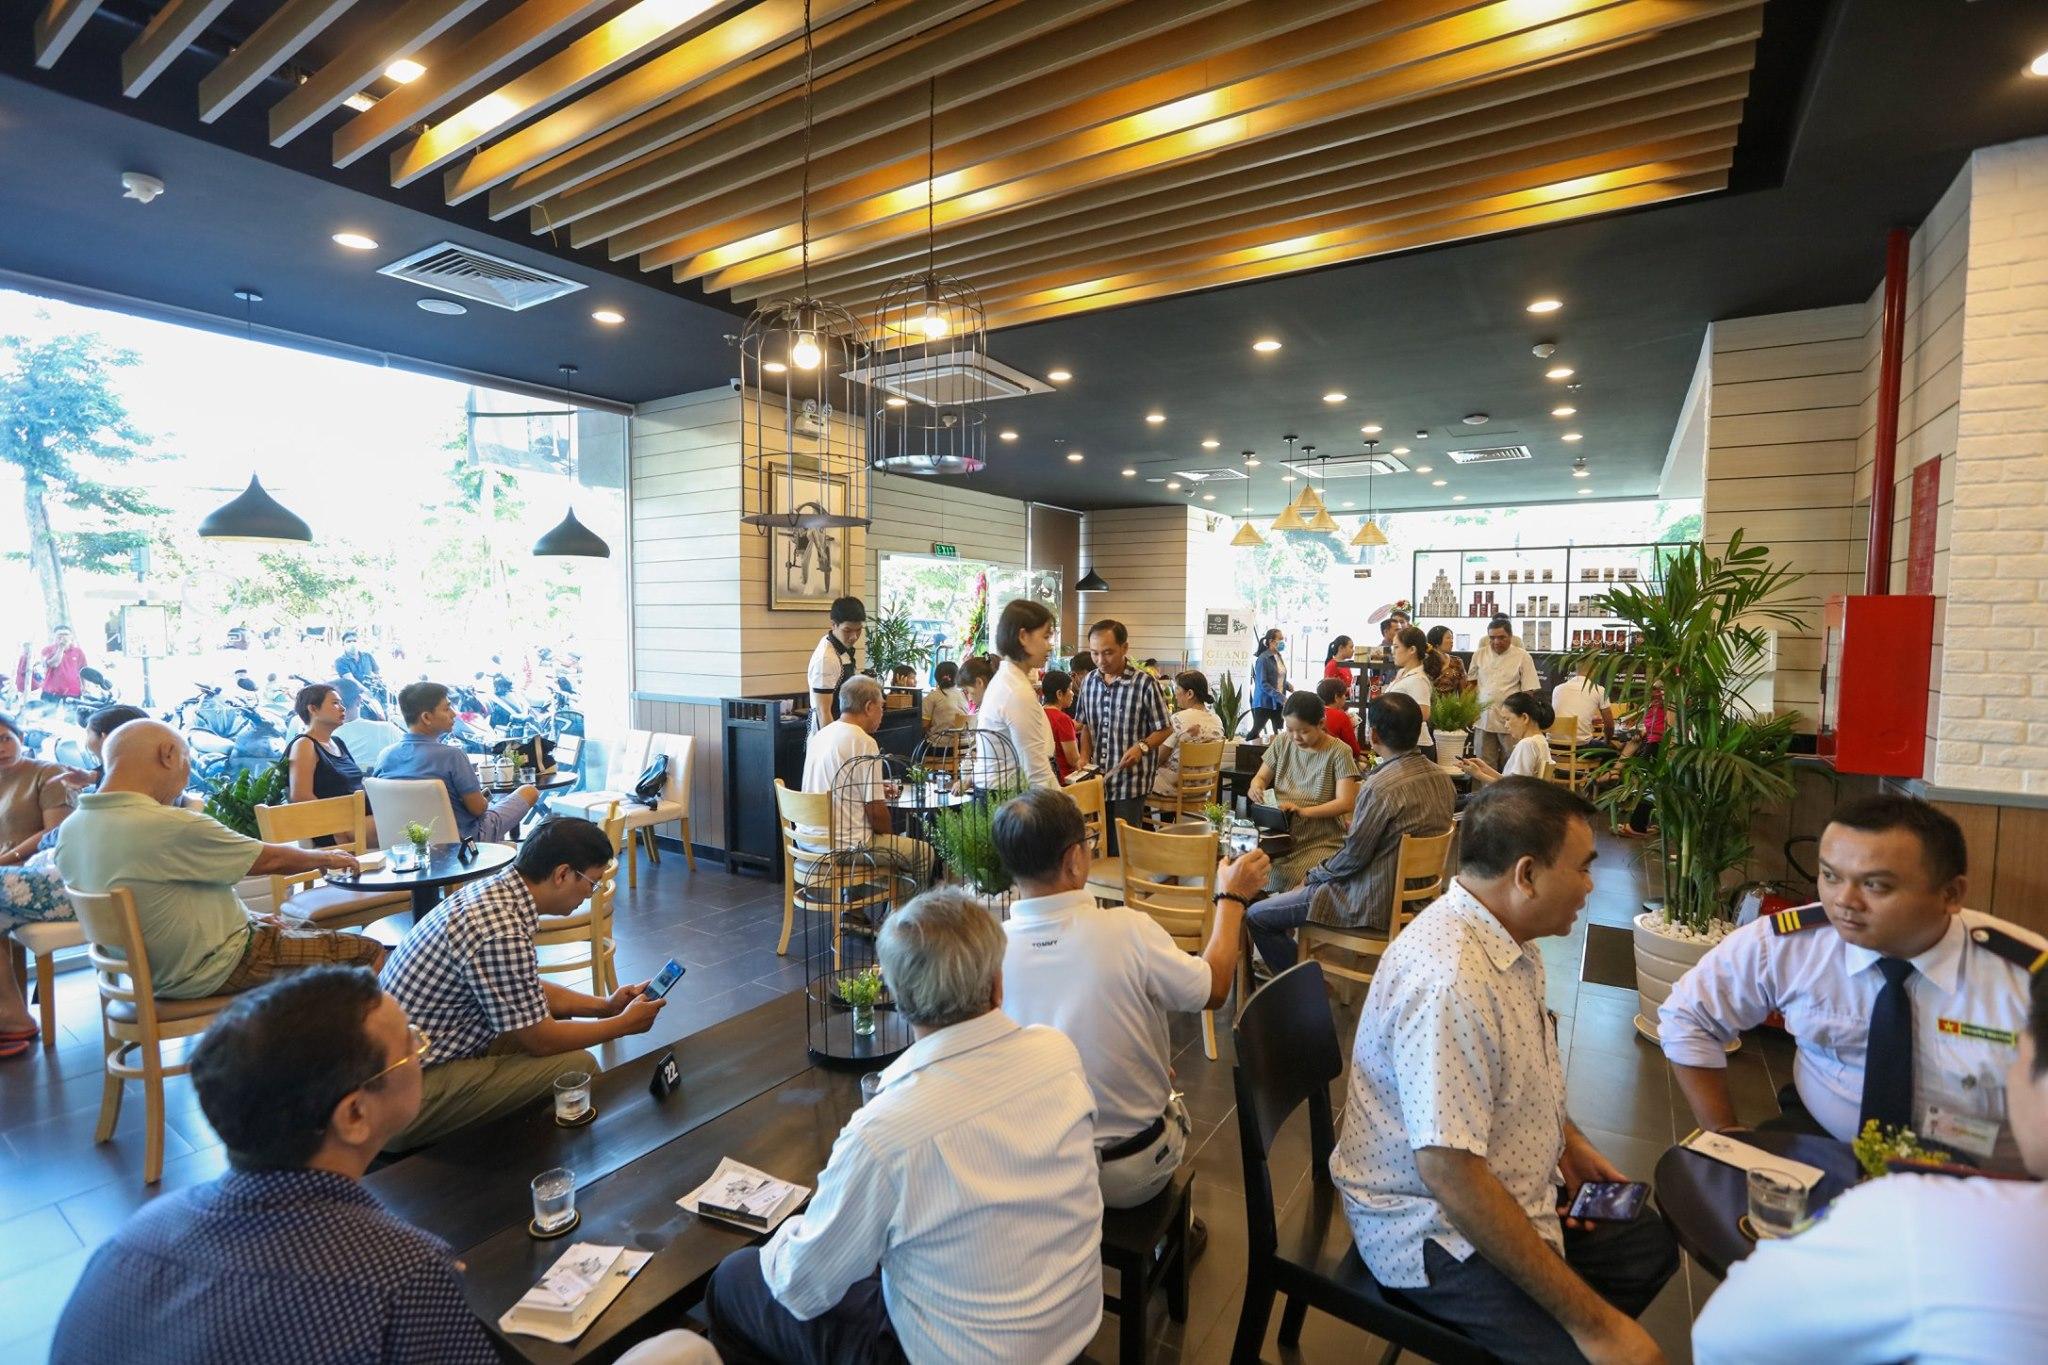 Chung Cư Remax, Số 116 -117 -118 Bãi Sậy, Phường 1, Quận 6, Thành phố Hồ Chí Minh